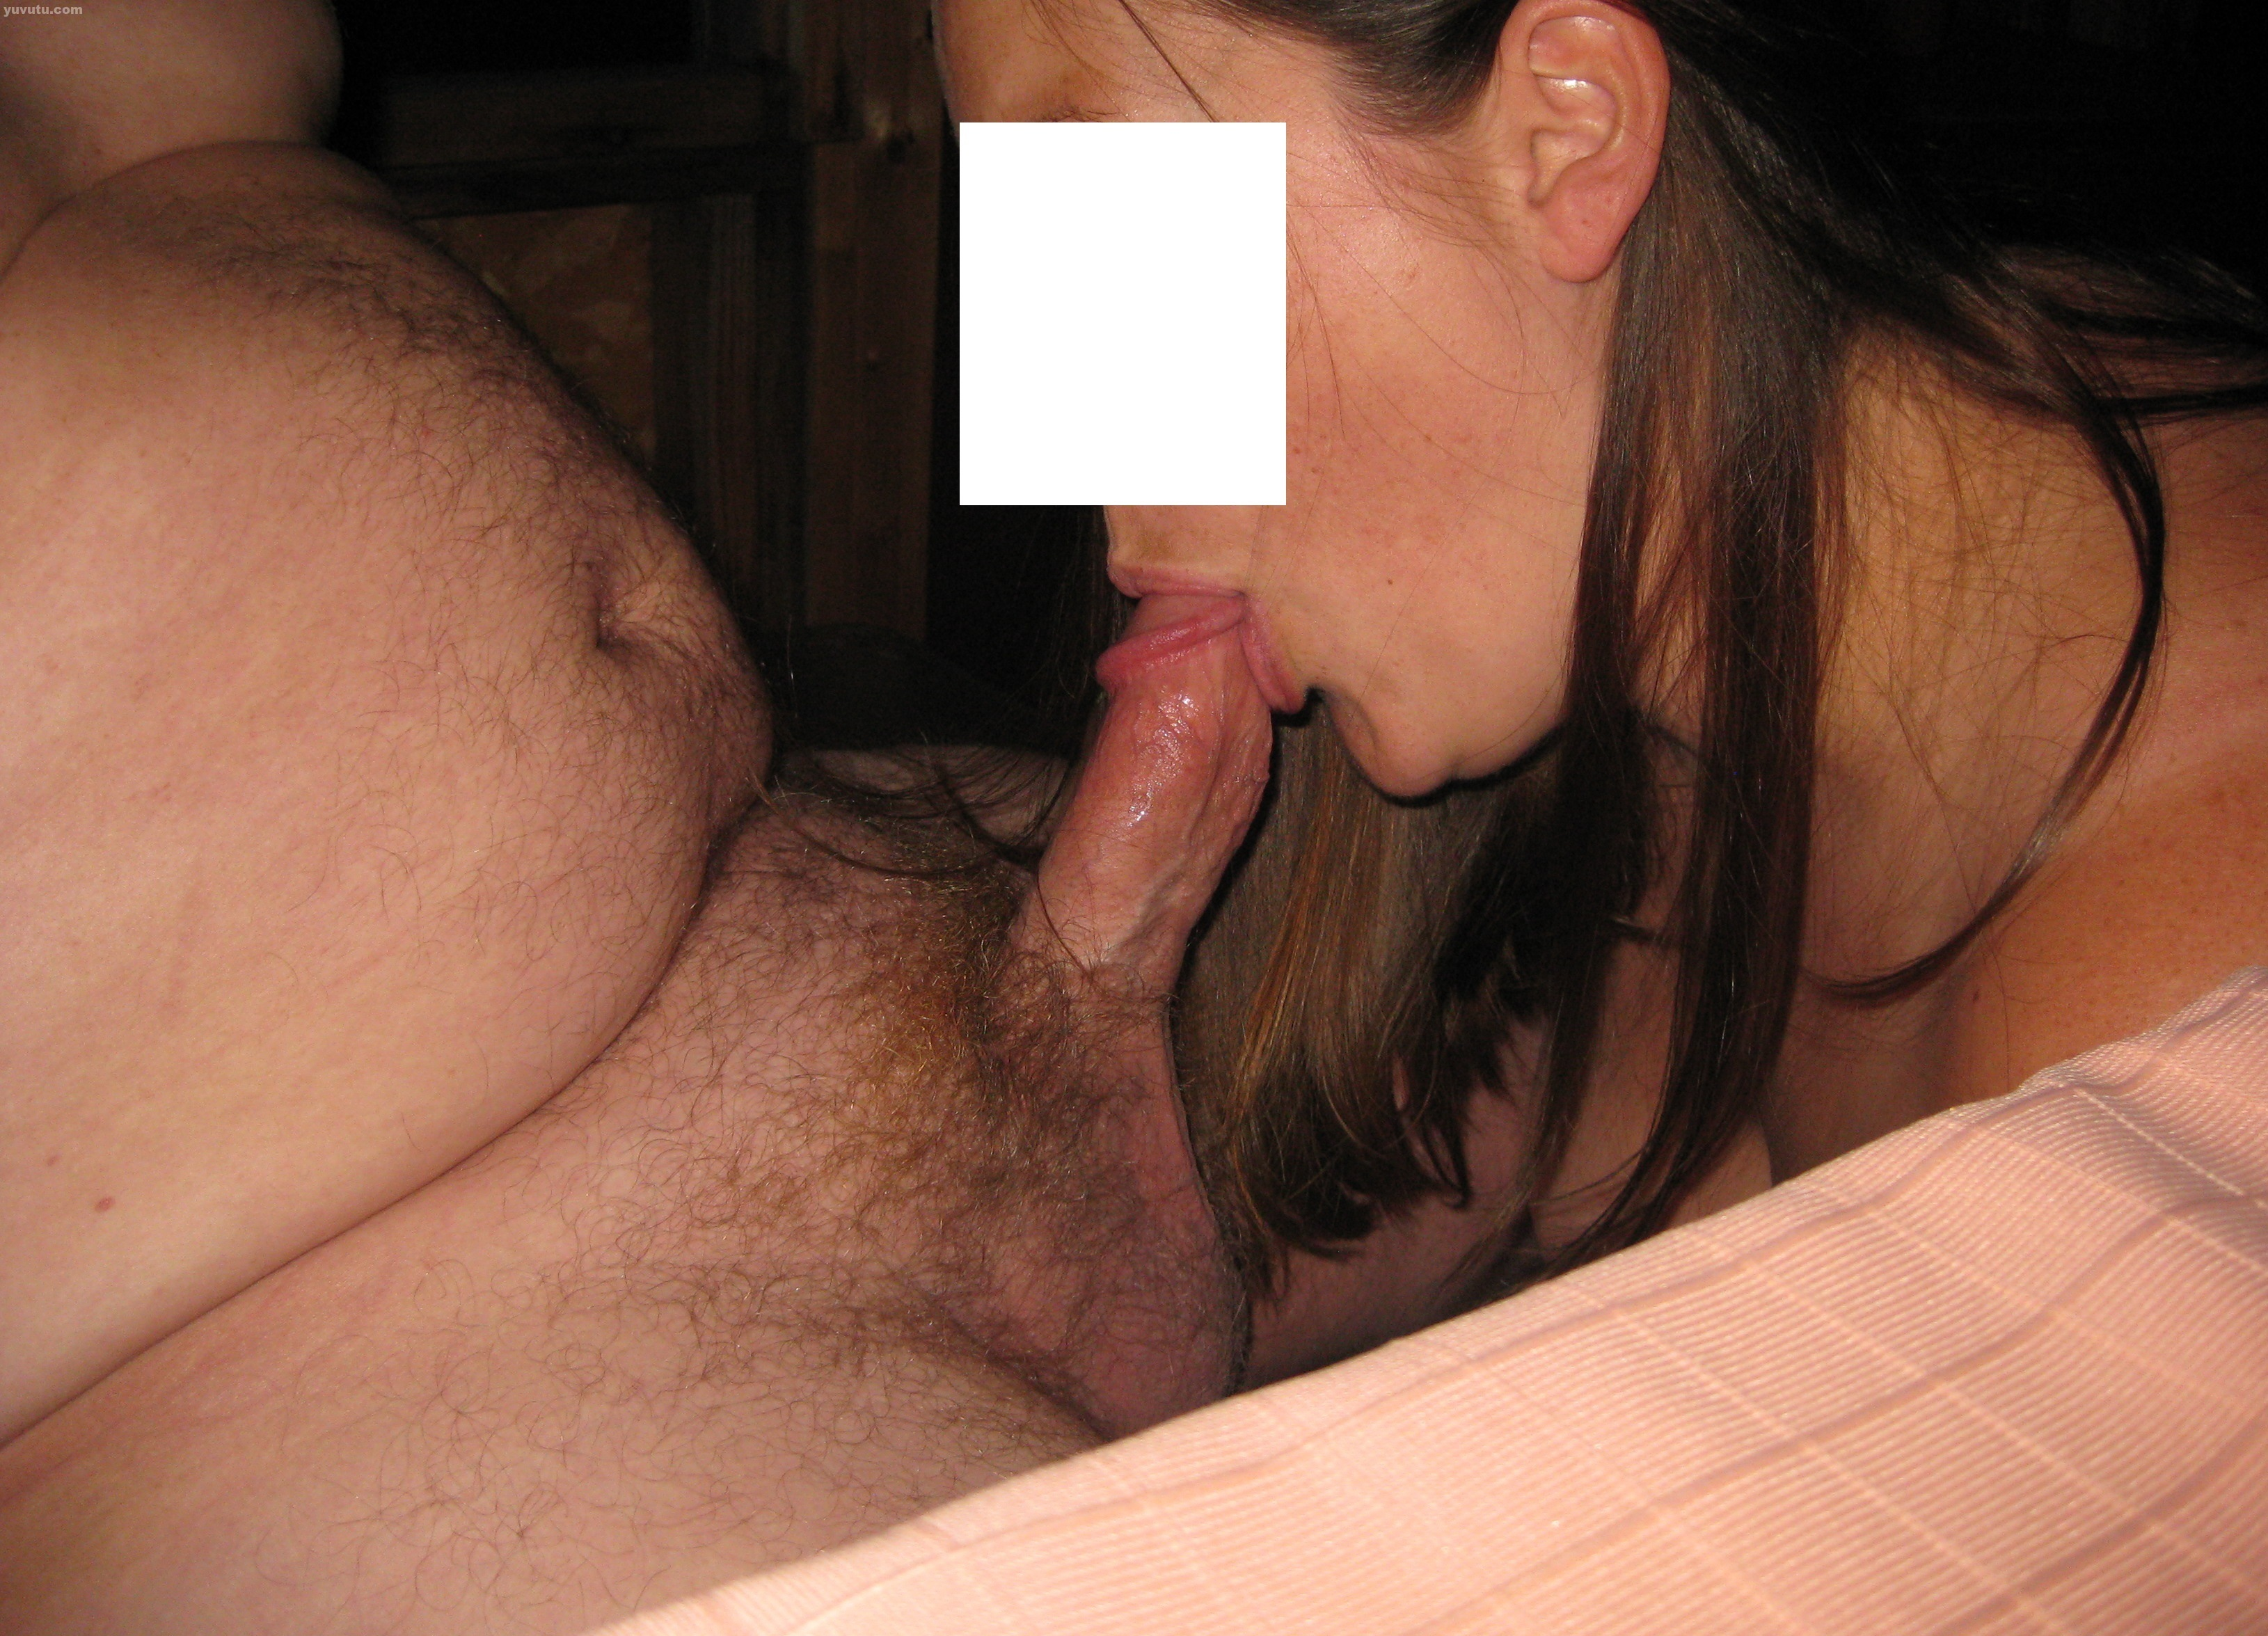 Soft porn beautiful nudes